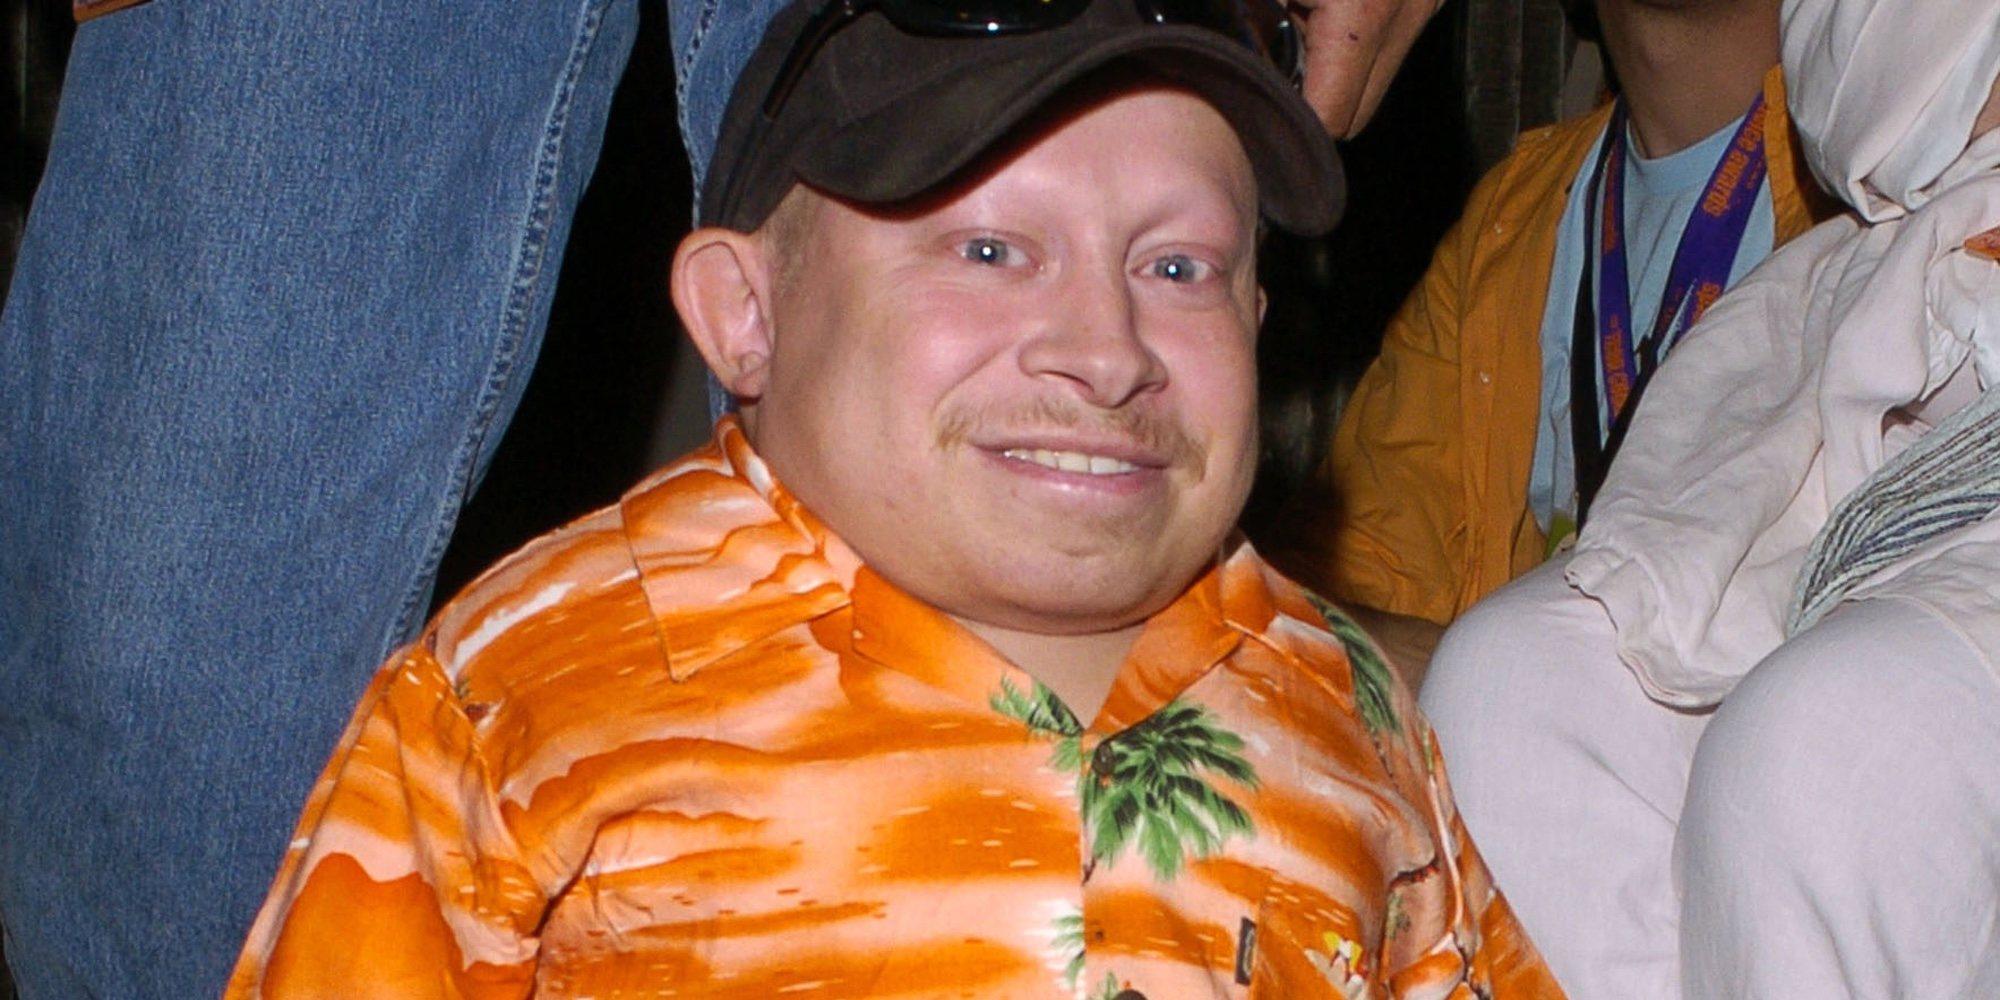 Muere Verne Troyer, conocido por su papel en 'Austin Powers', a los 49 años